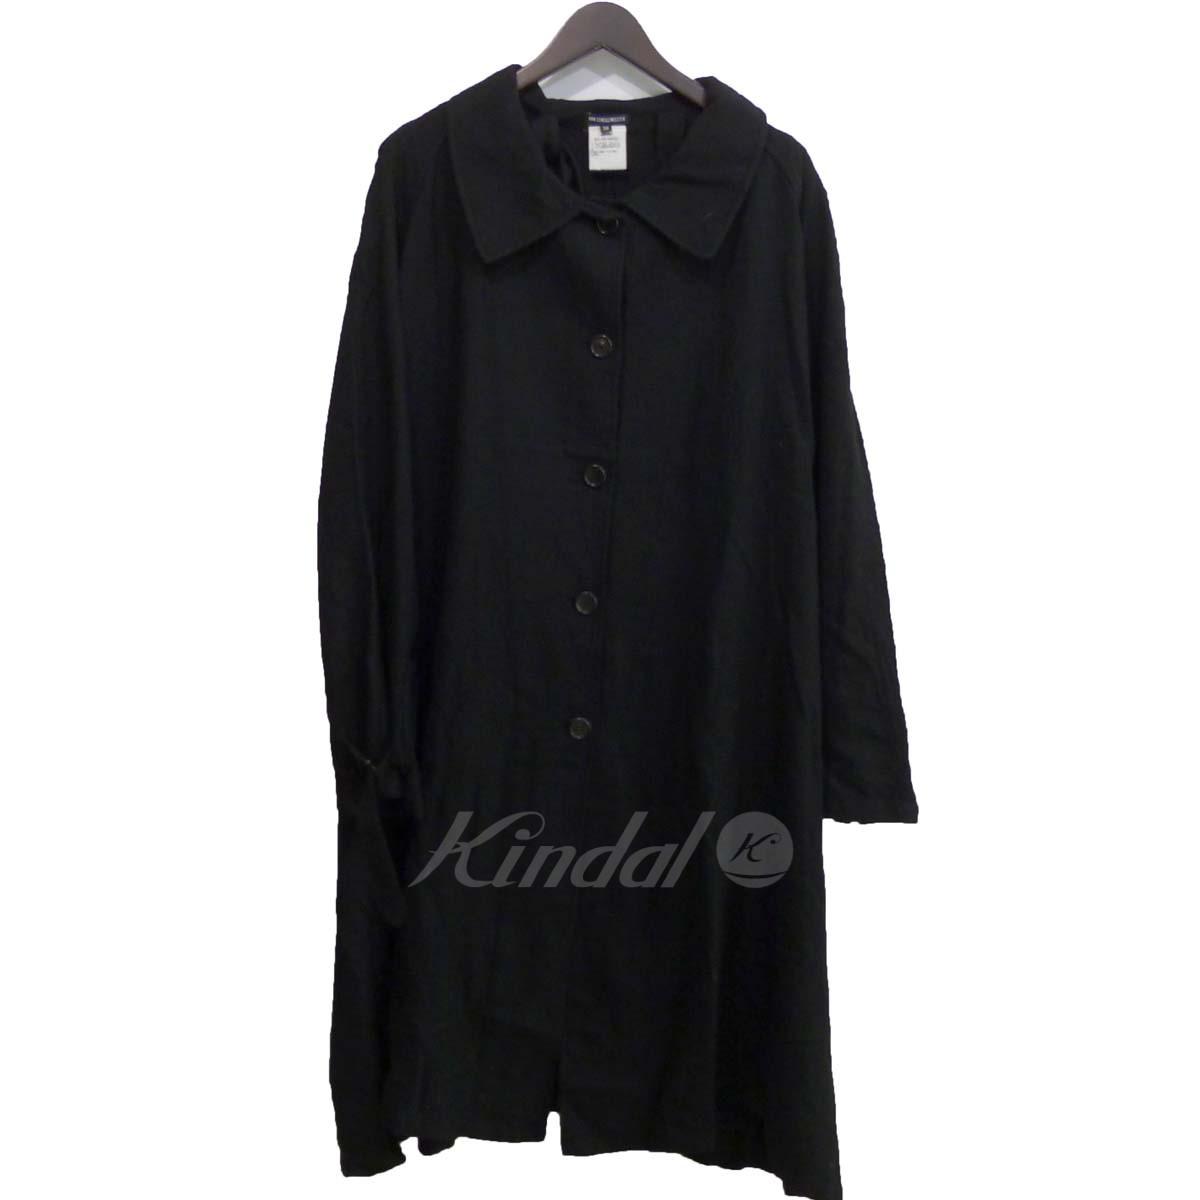 【中古】ANN DEMEULEMEESTER ロングコート ブラック サイズ:36 【送料無料】 【210618】(アンドゥムルメステール)